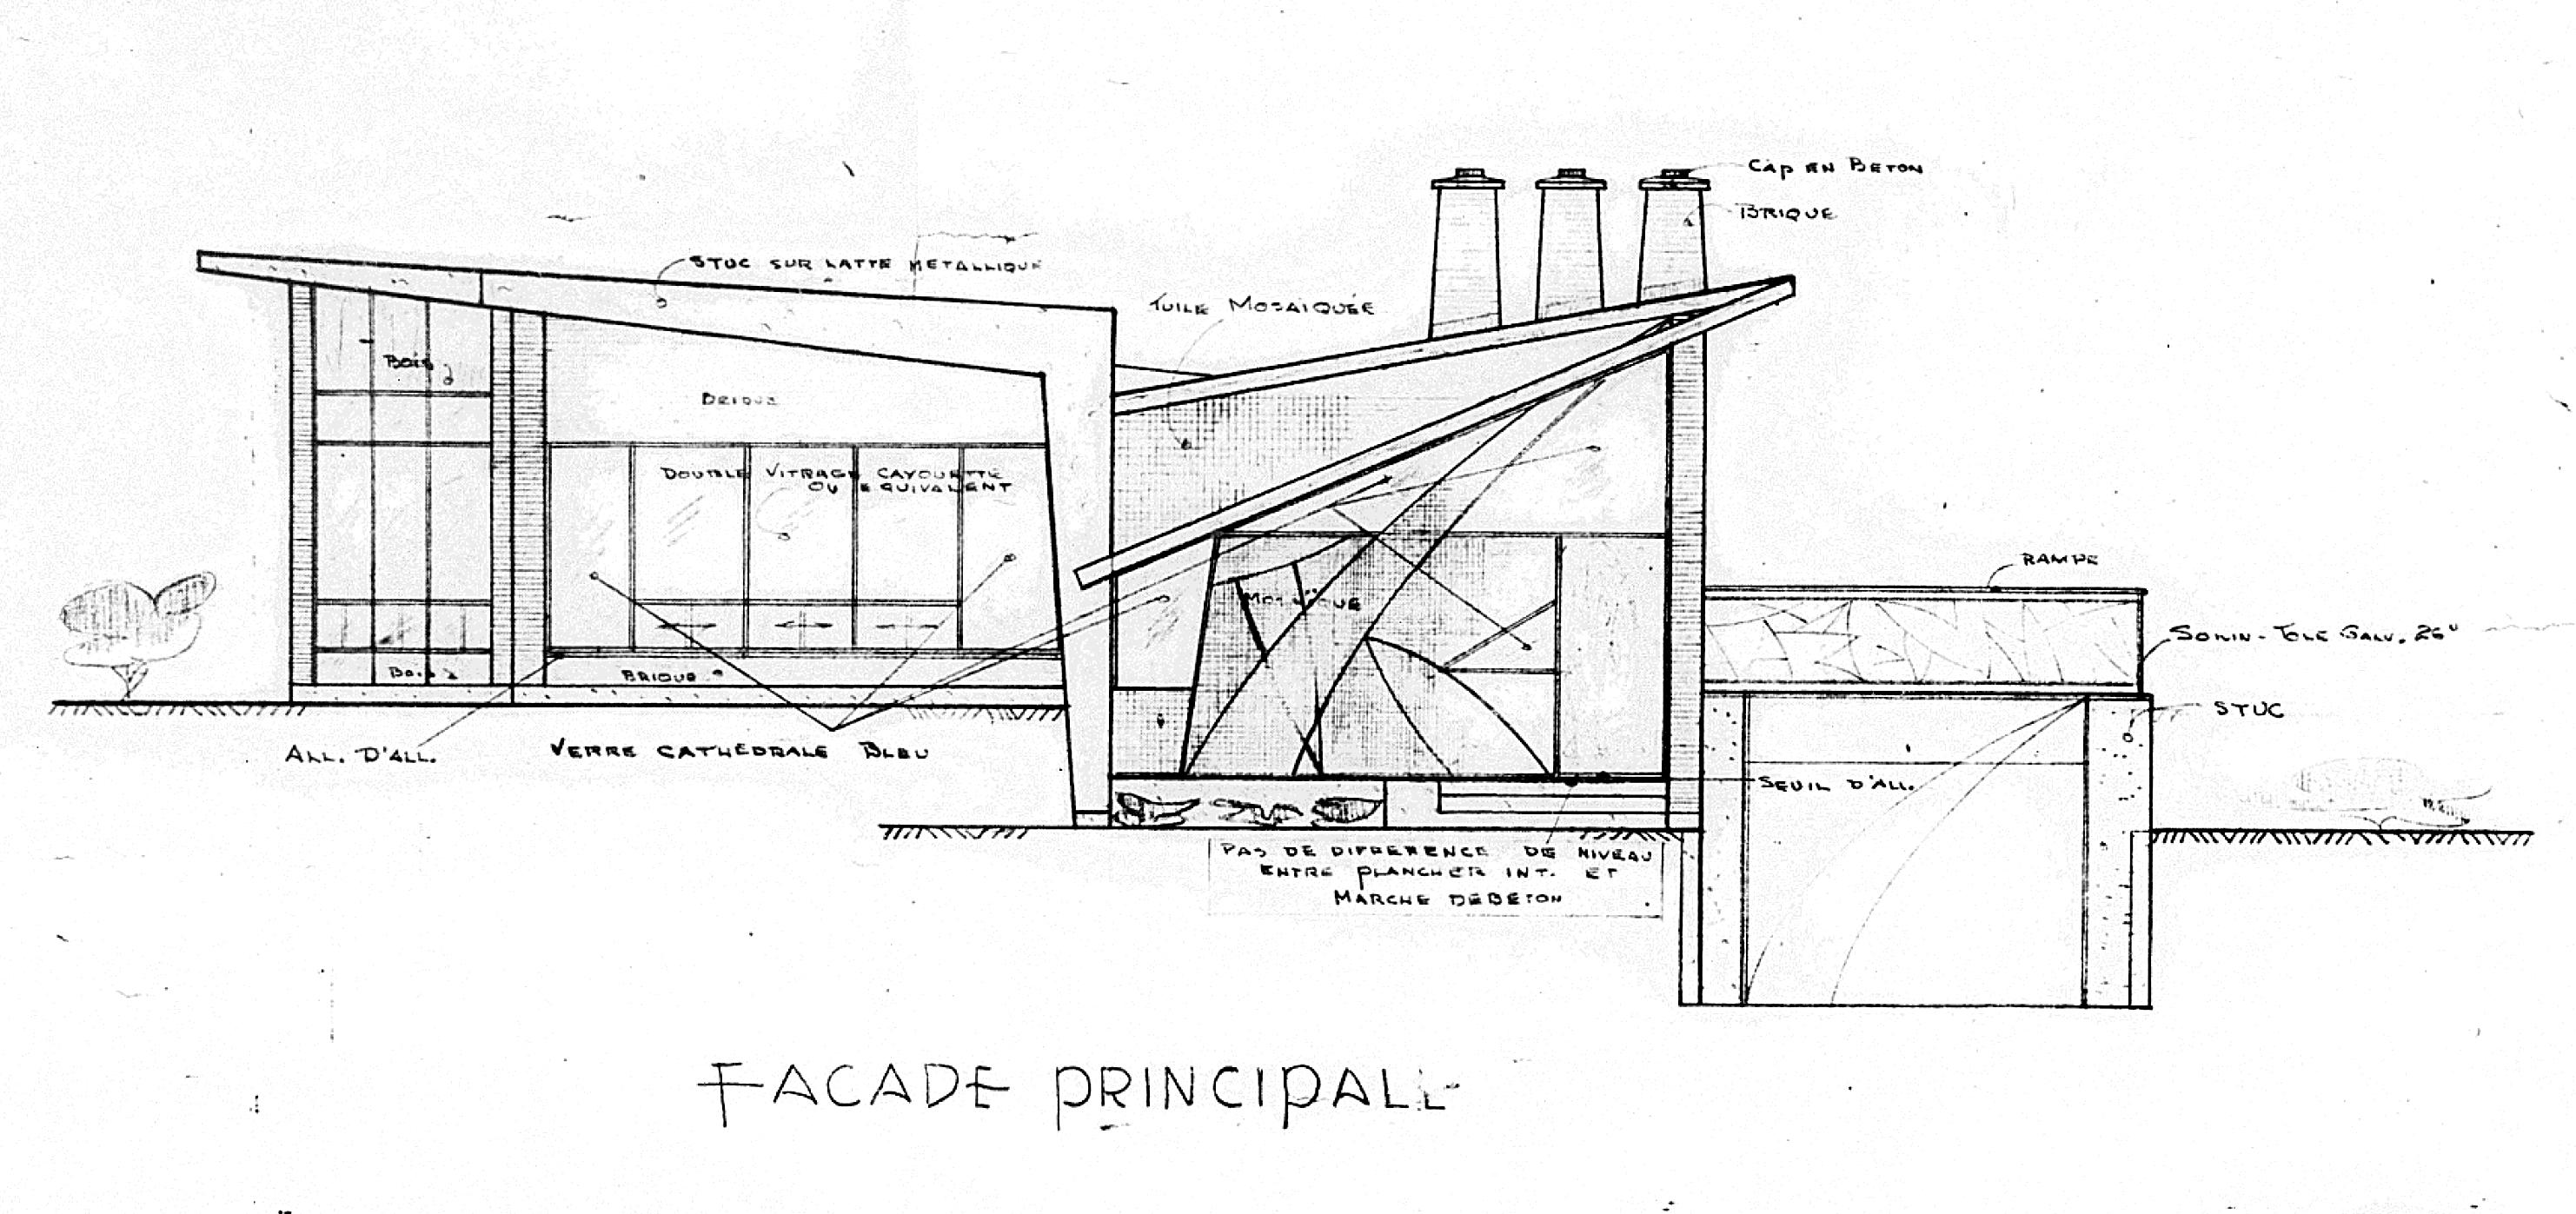 Plans dessinés par J. Bernier pour Monsieur A. Panneton, janvier 1960.